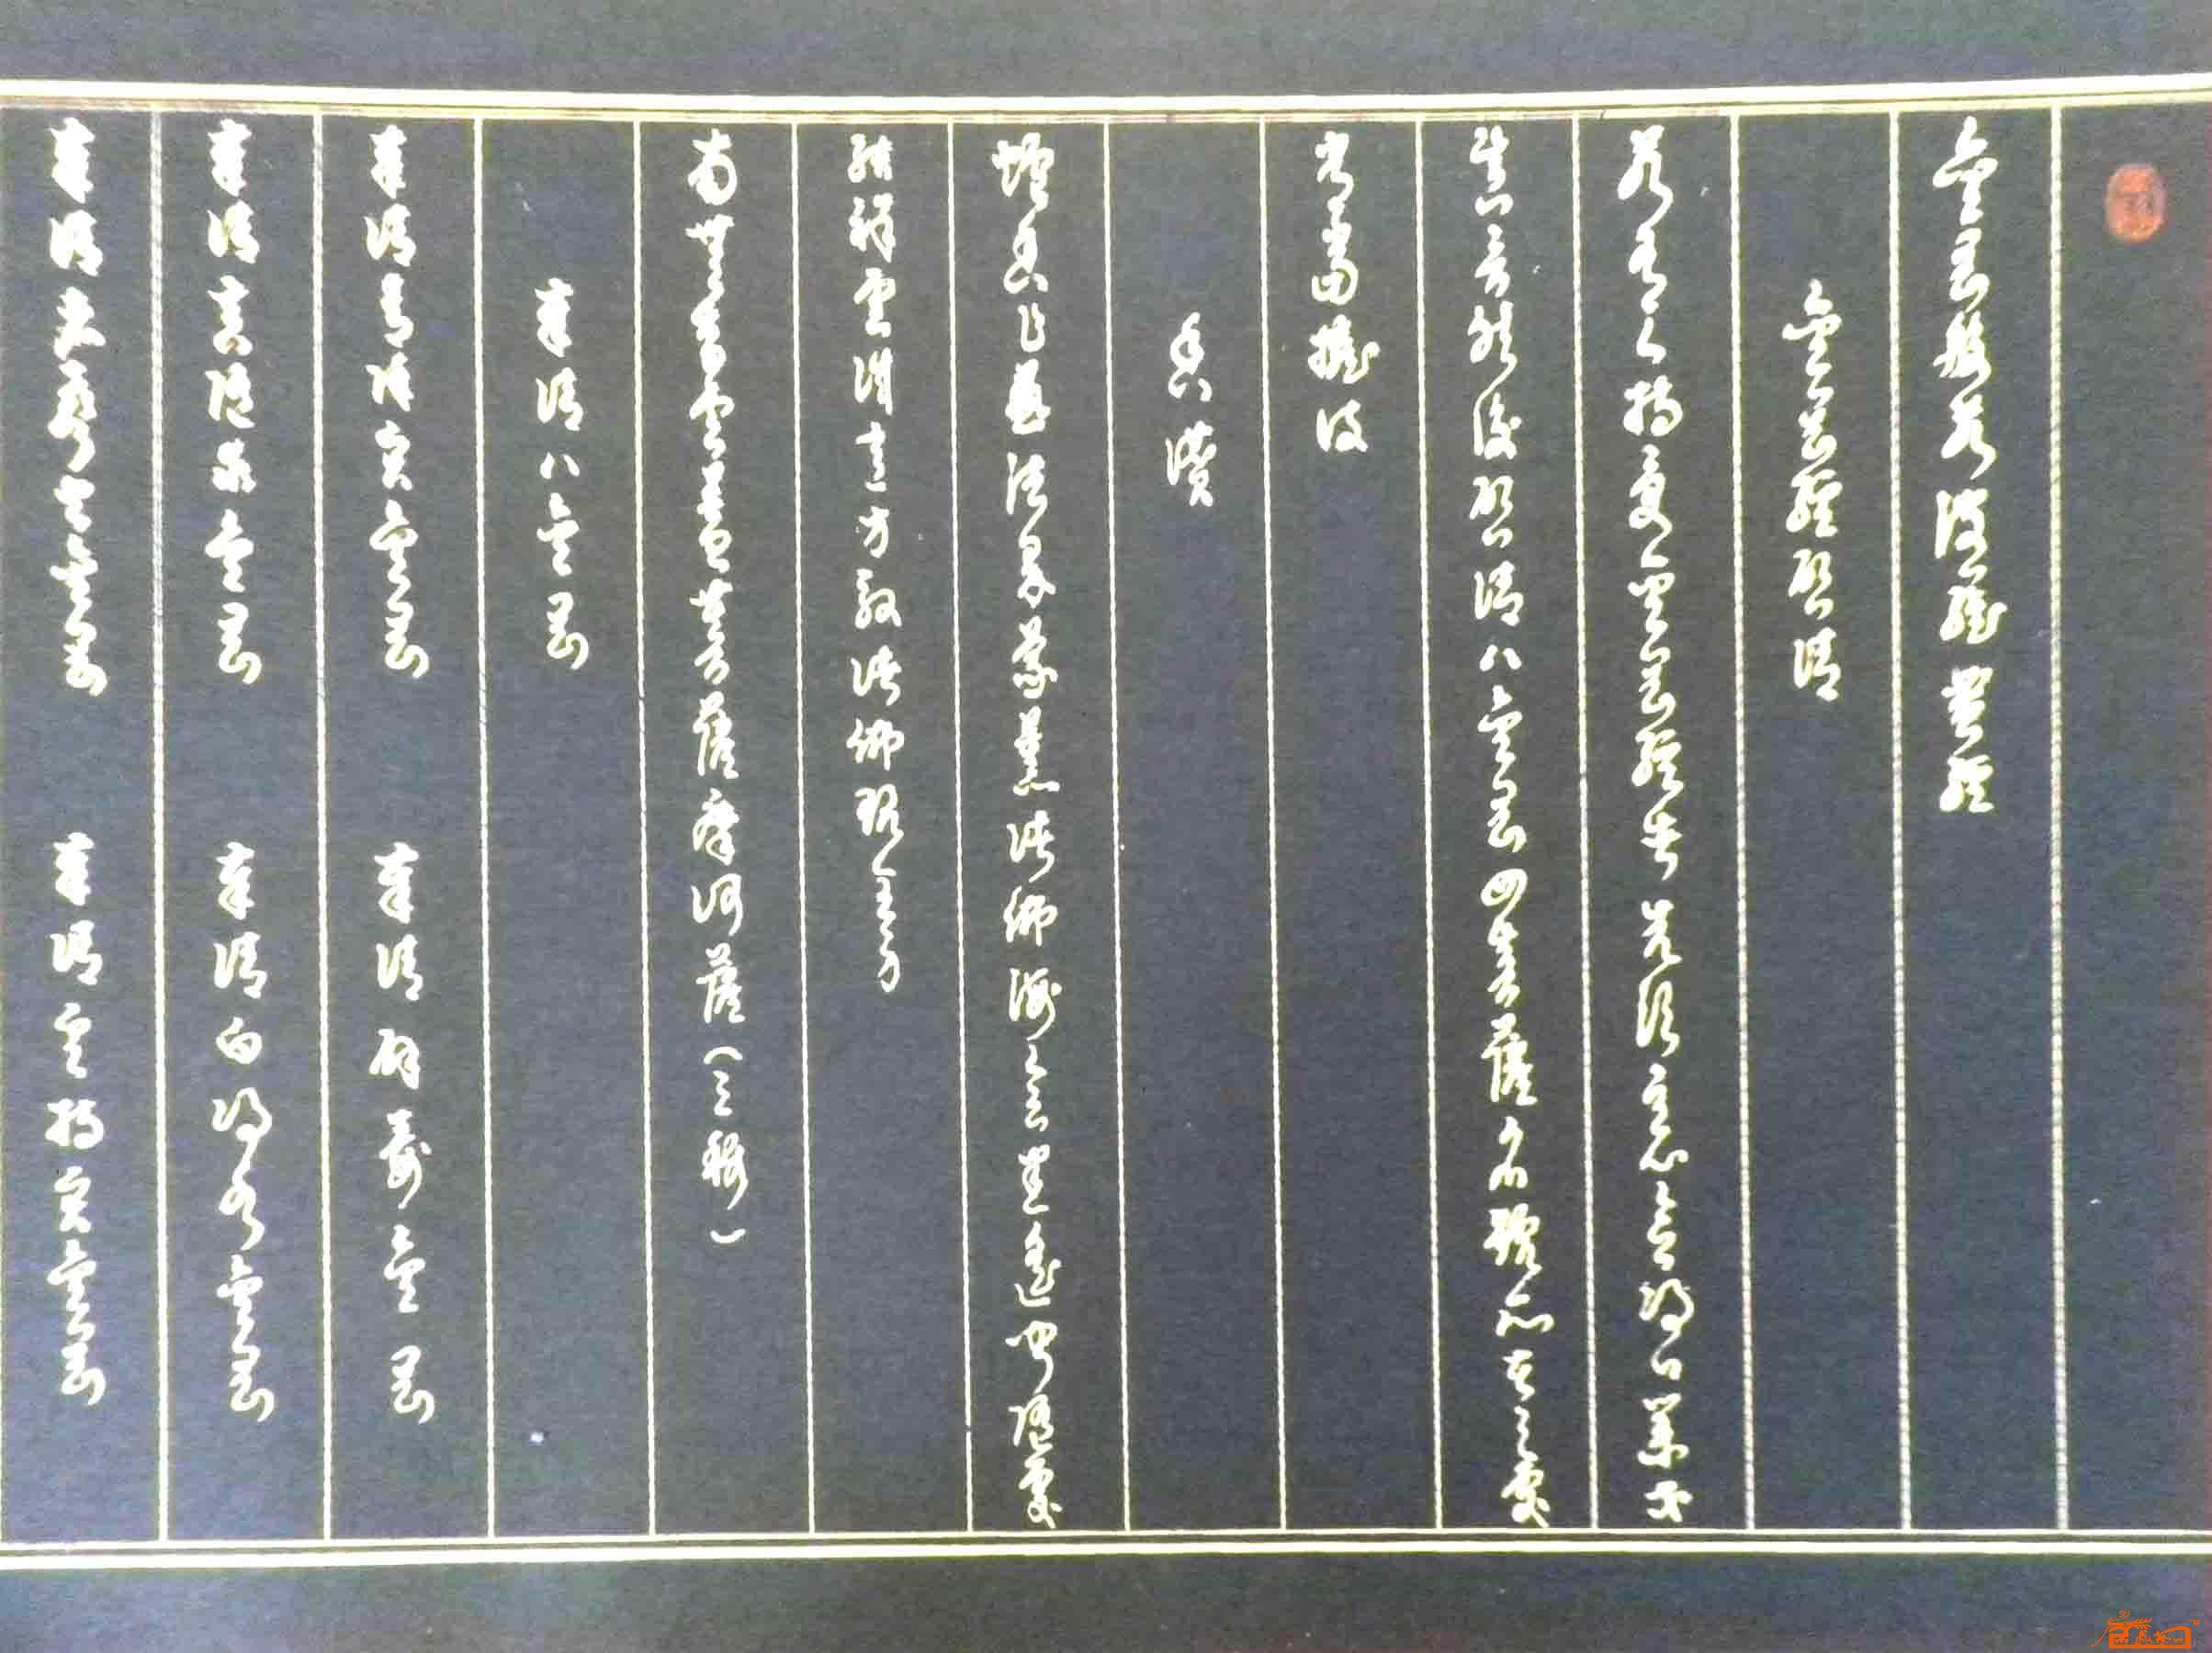 金刚经 淘宝 名人字画 中国书画交易中心 中国书画销售中心